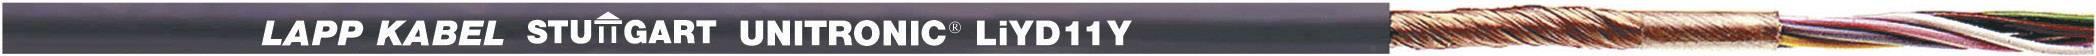 Dátový kábel LappKabel 0033304 UNITRONIC® LiYD11Y, 4 x 0.25 mm², čierna, metrový tovar